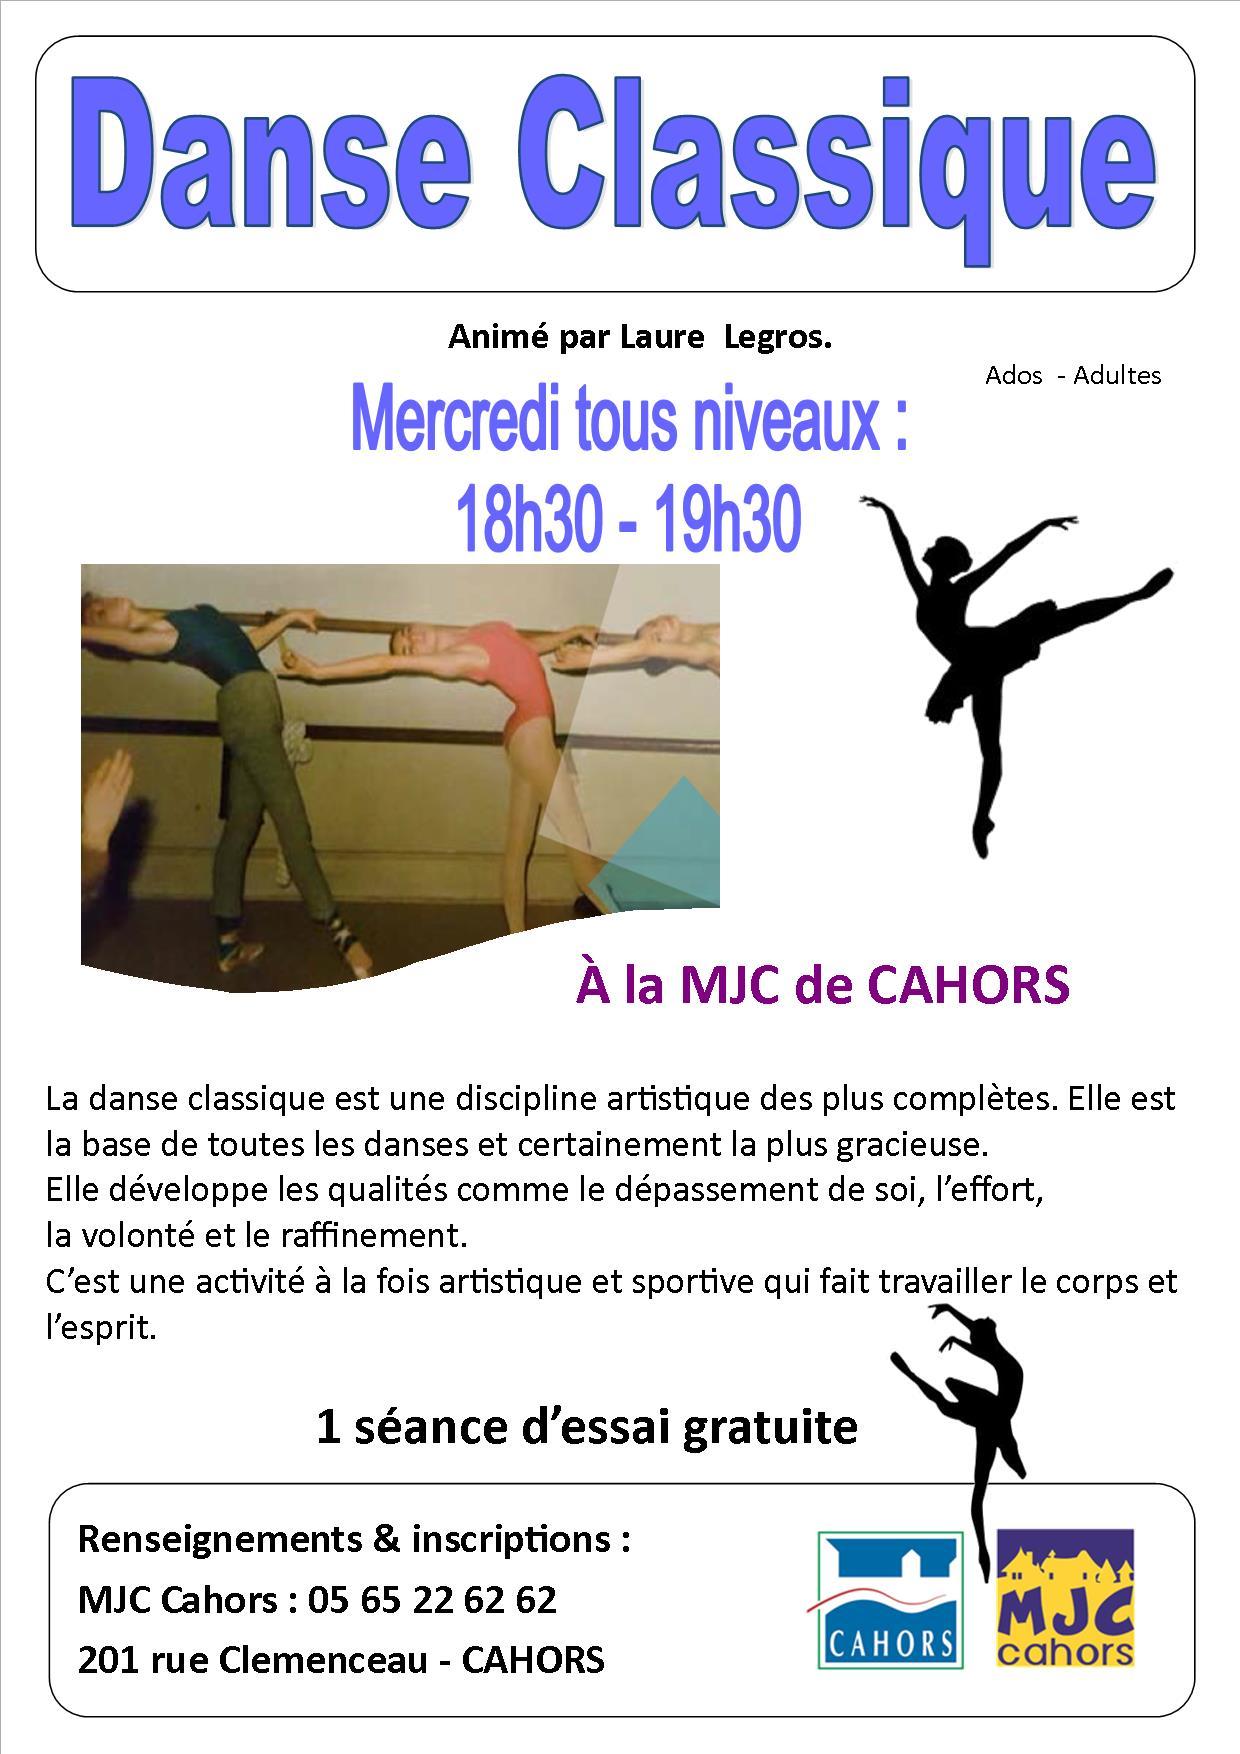 Figeac : Danse Classique à la MJC